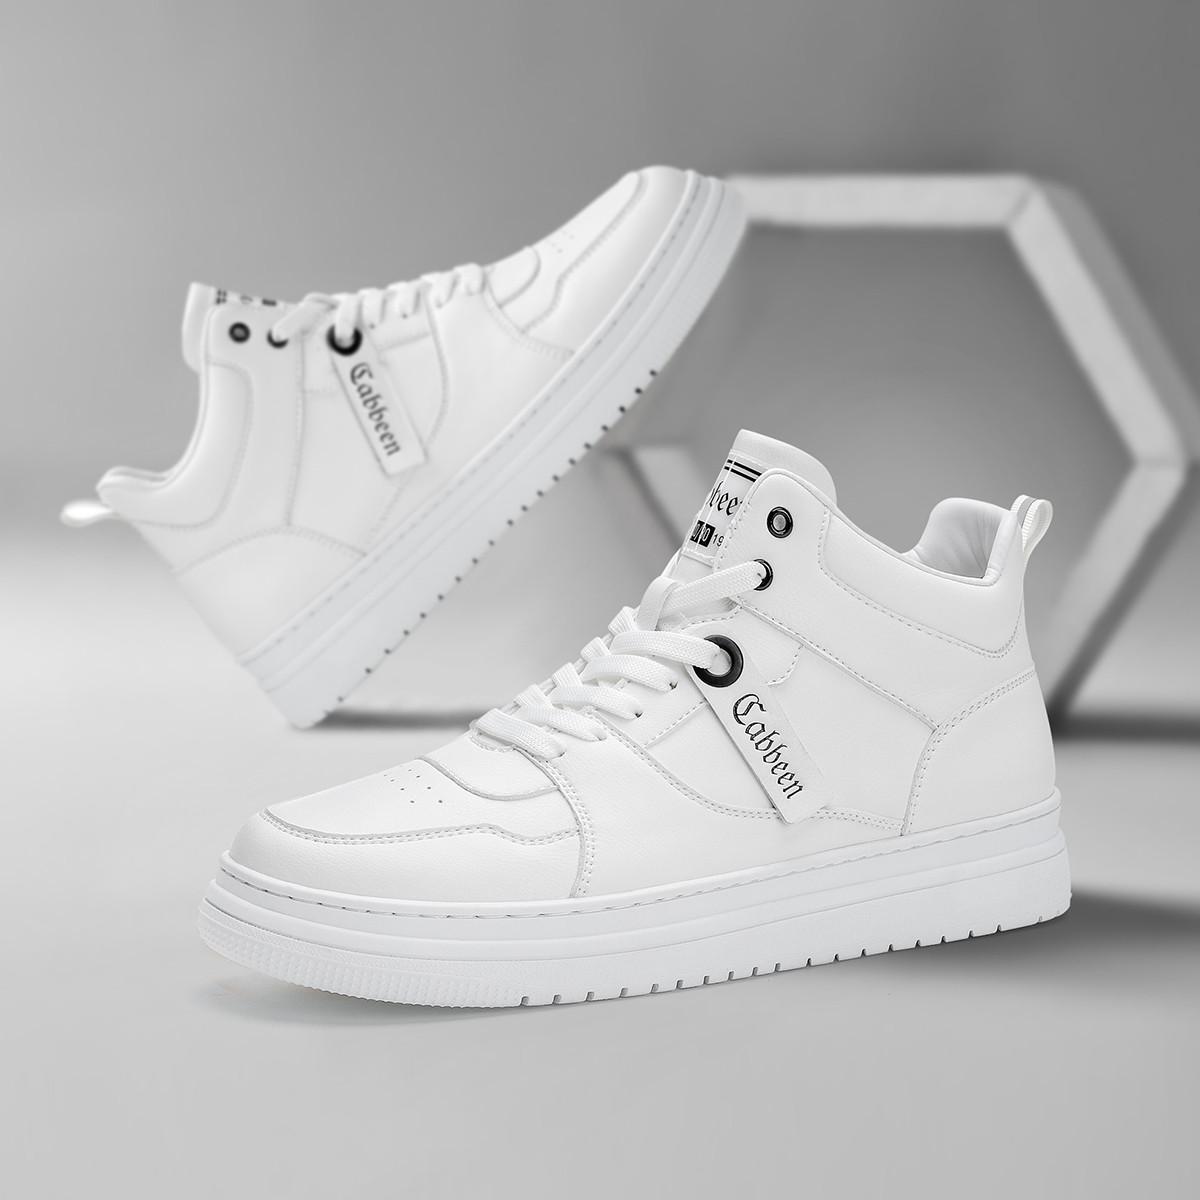 2020新款时尚吊饰板鞋个性潮流透气百搭耐磨防滑高帮休闲鞋